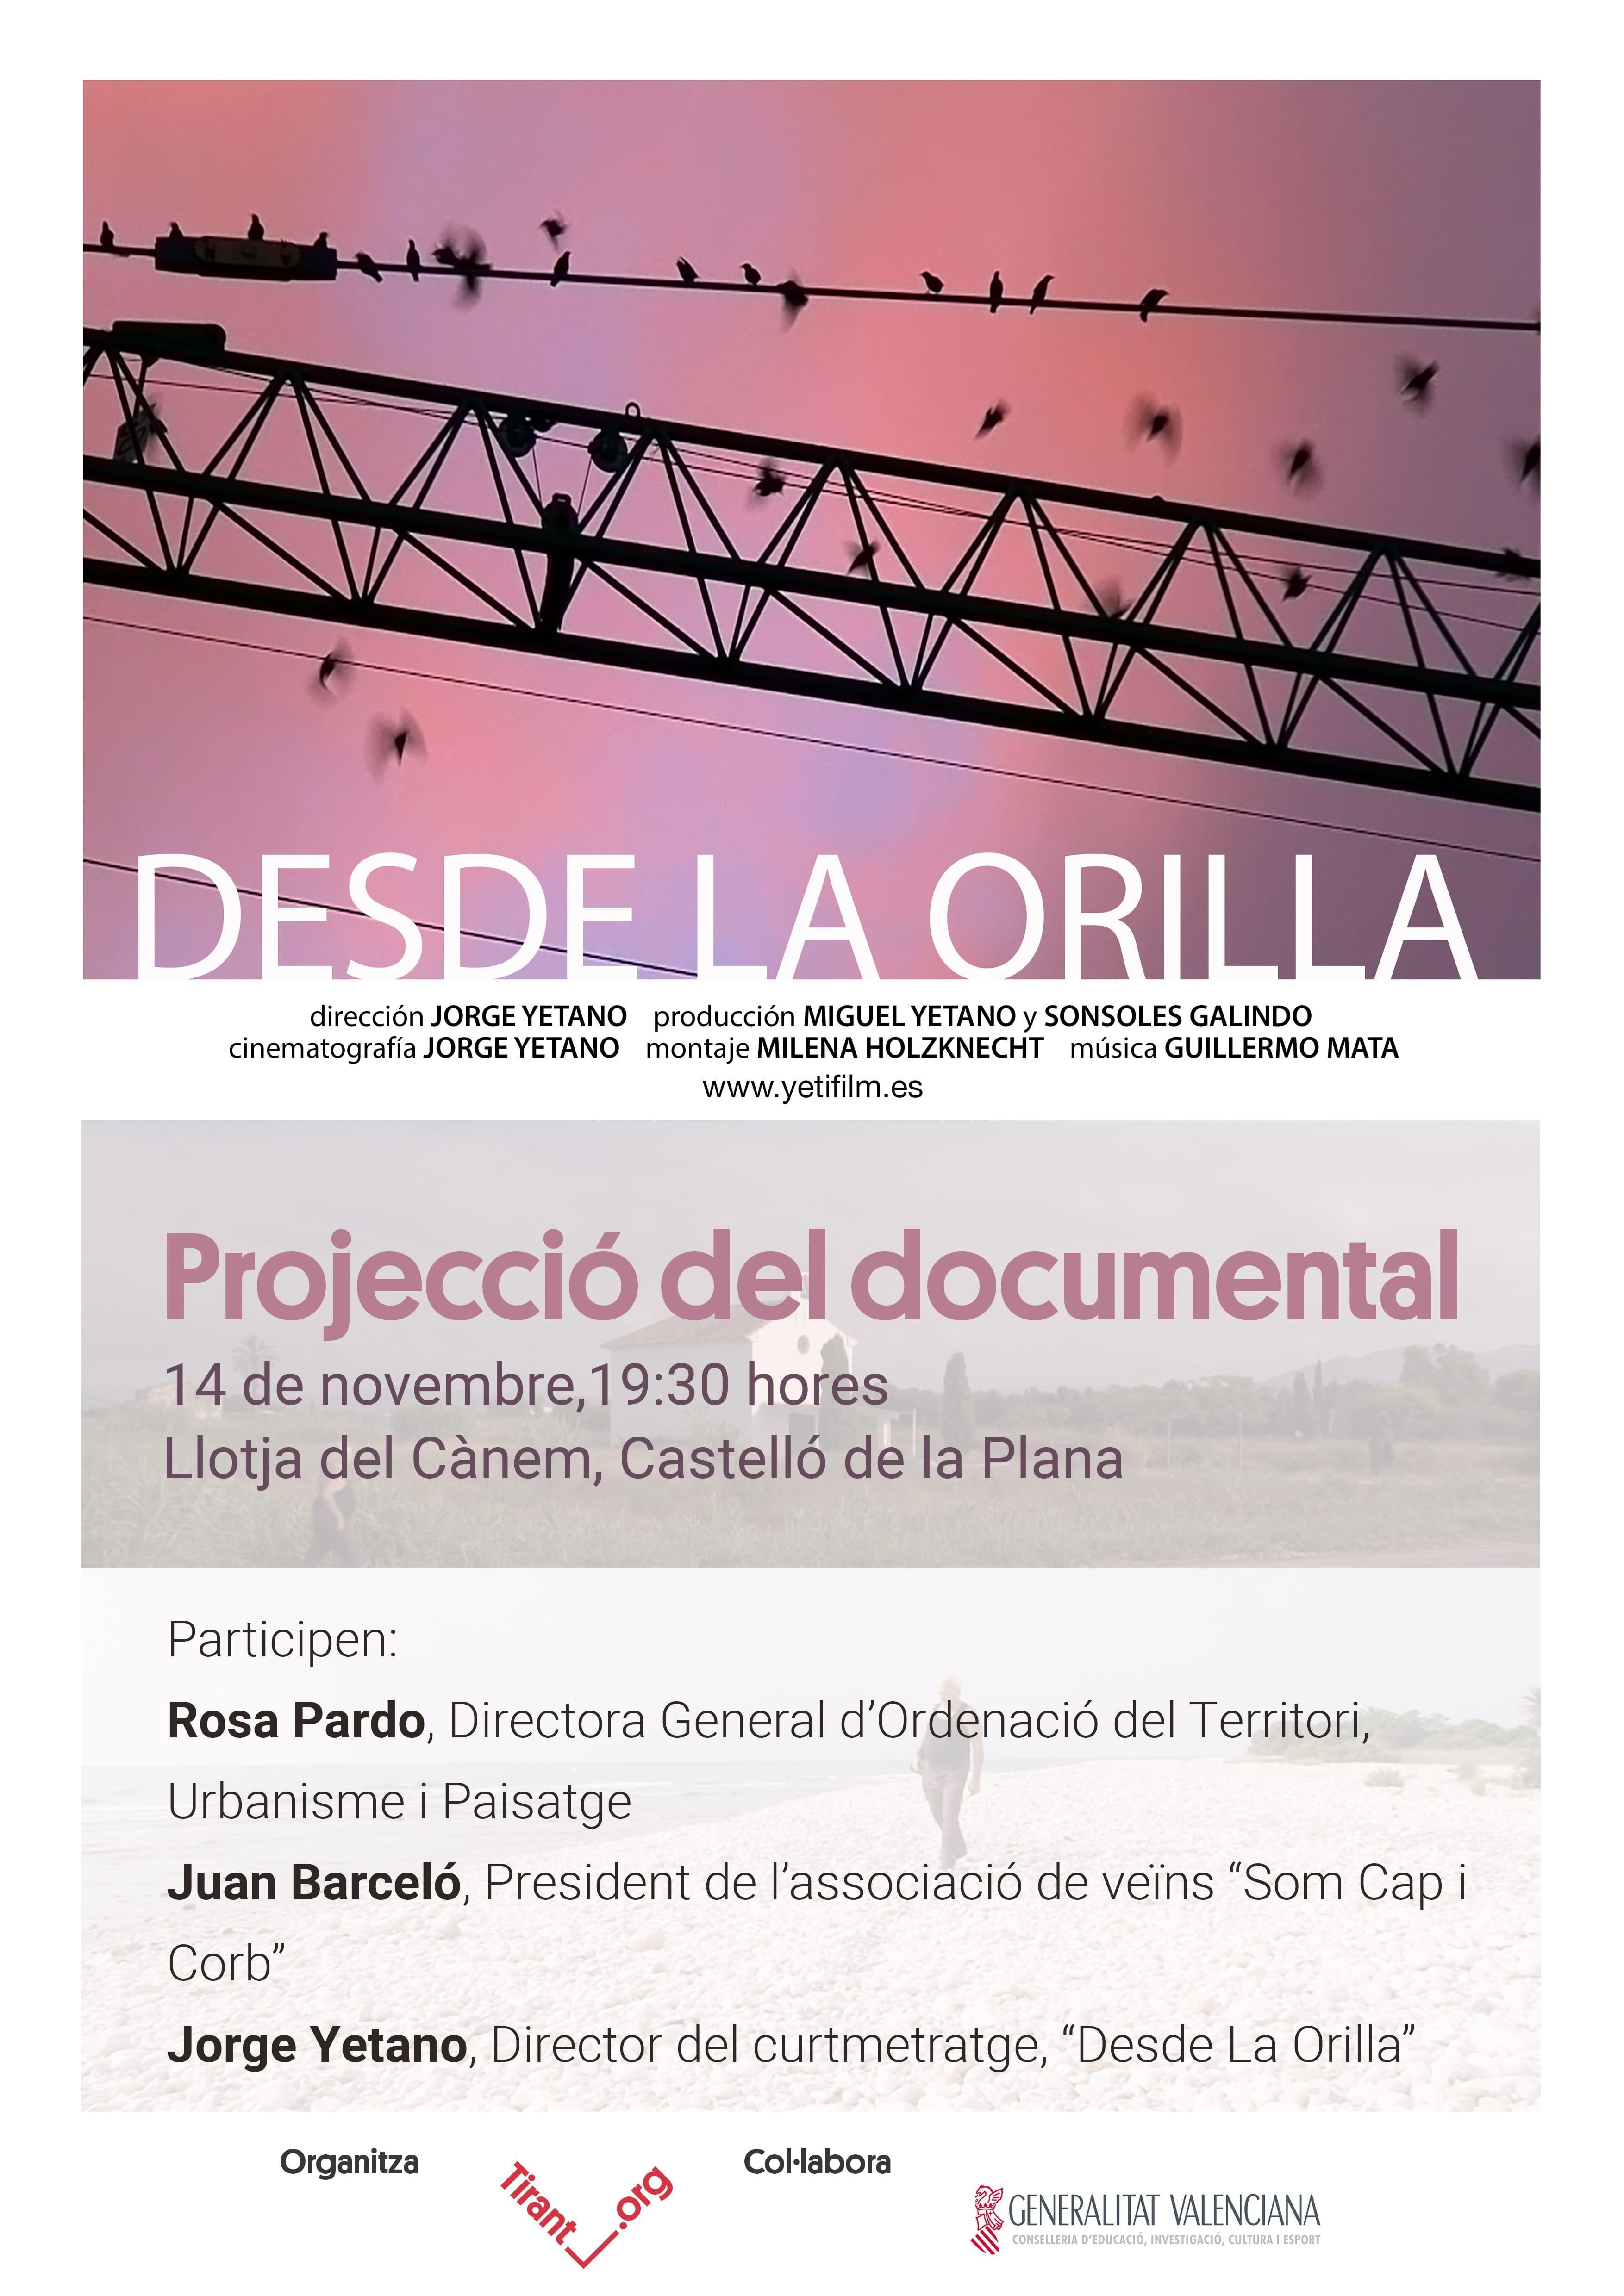 """Projecció del documental """"Desde la Orilla"""" a Castelló"""